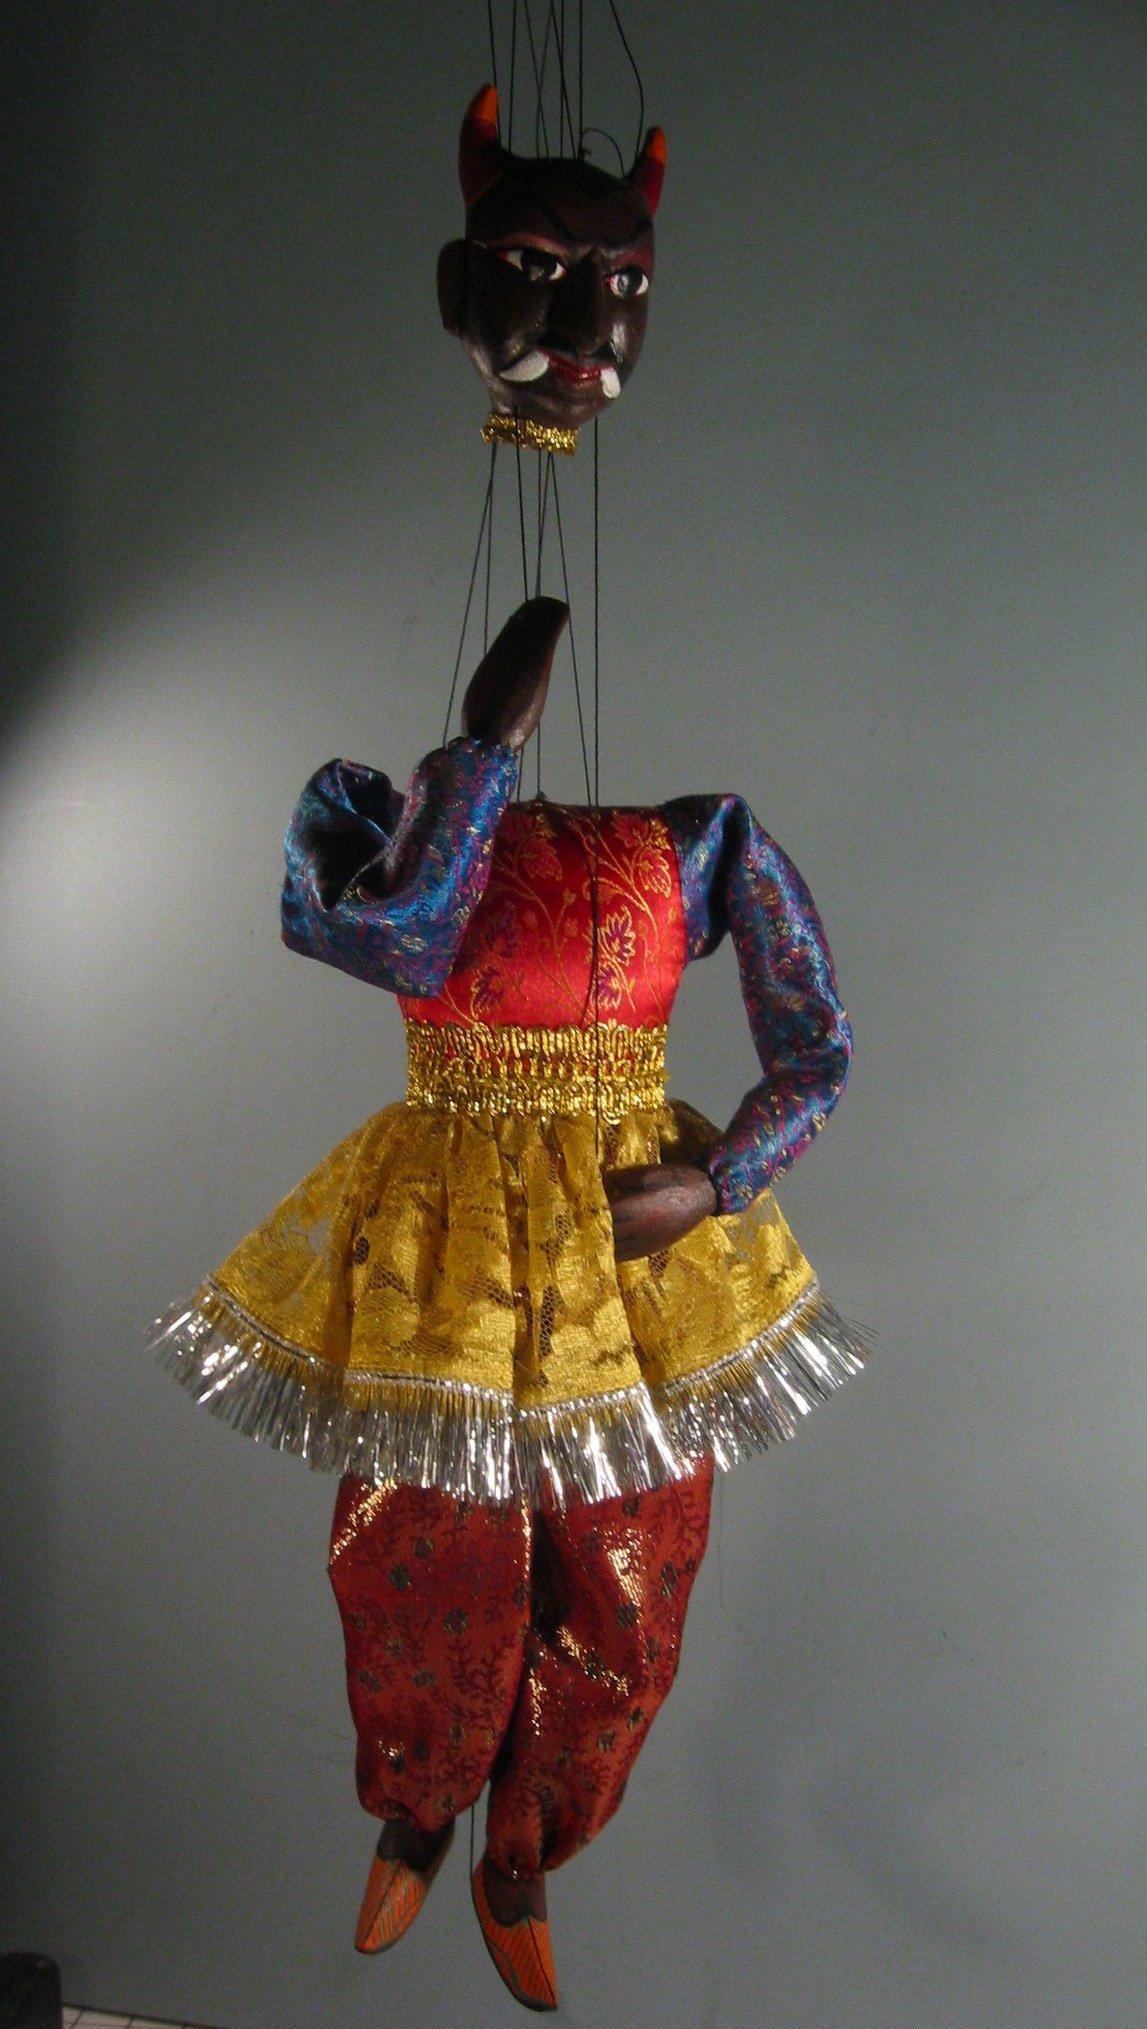 Un <em>jadugar</em> (magi<em>c</em>ien), une marionnette à subterfuge qui jongle ave<em>c</em> sa propre tête, <em>c</em>réé par Puran Bhatt (Delhi, Inde, 2003). Kathputli, hauteur: 59 <em>c</em>m. Colle<em>c</em>tion : Center for Puppetry Arts (Atlanta, Géorgie, États-Unis). Photo réproduite avec l'aimable autorisation de Center for Puppetry Arts